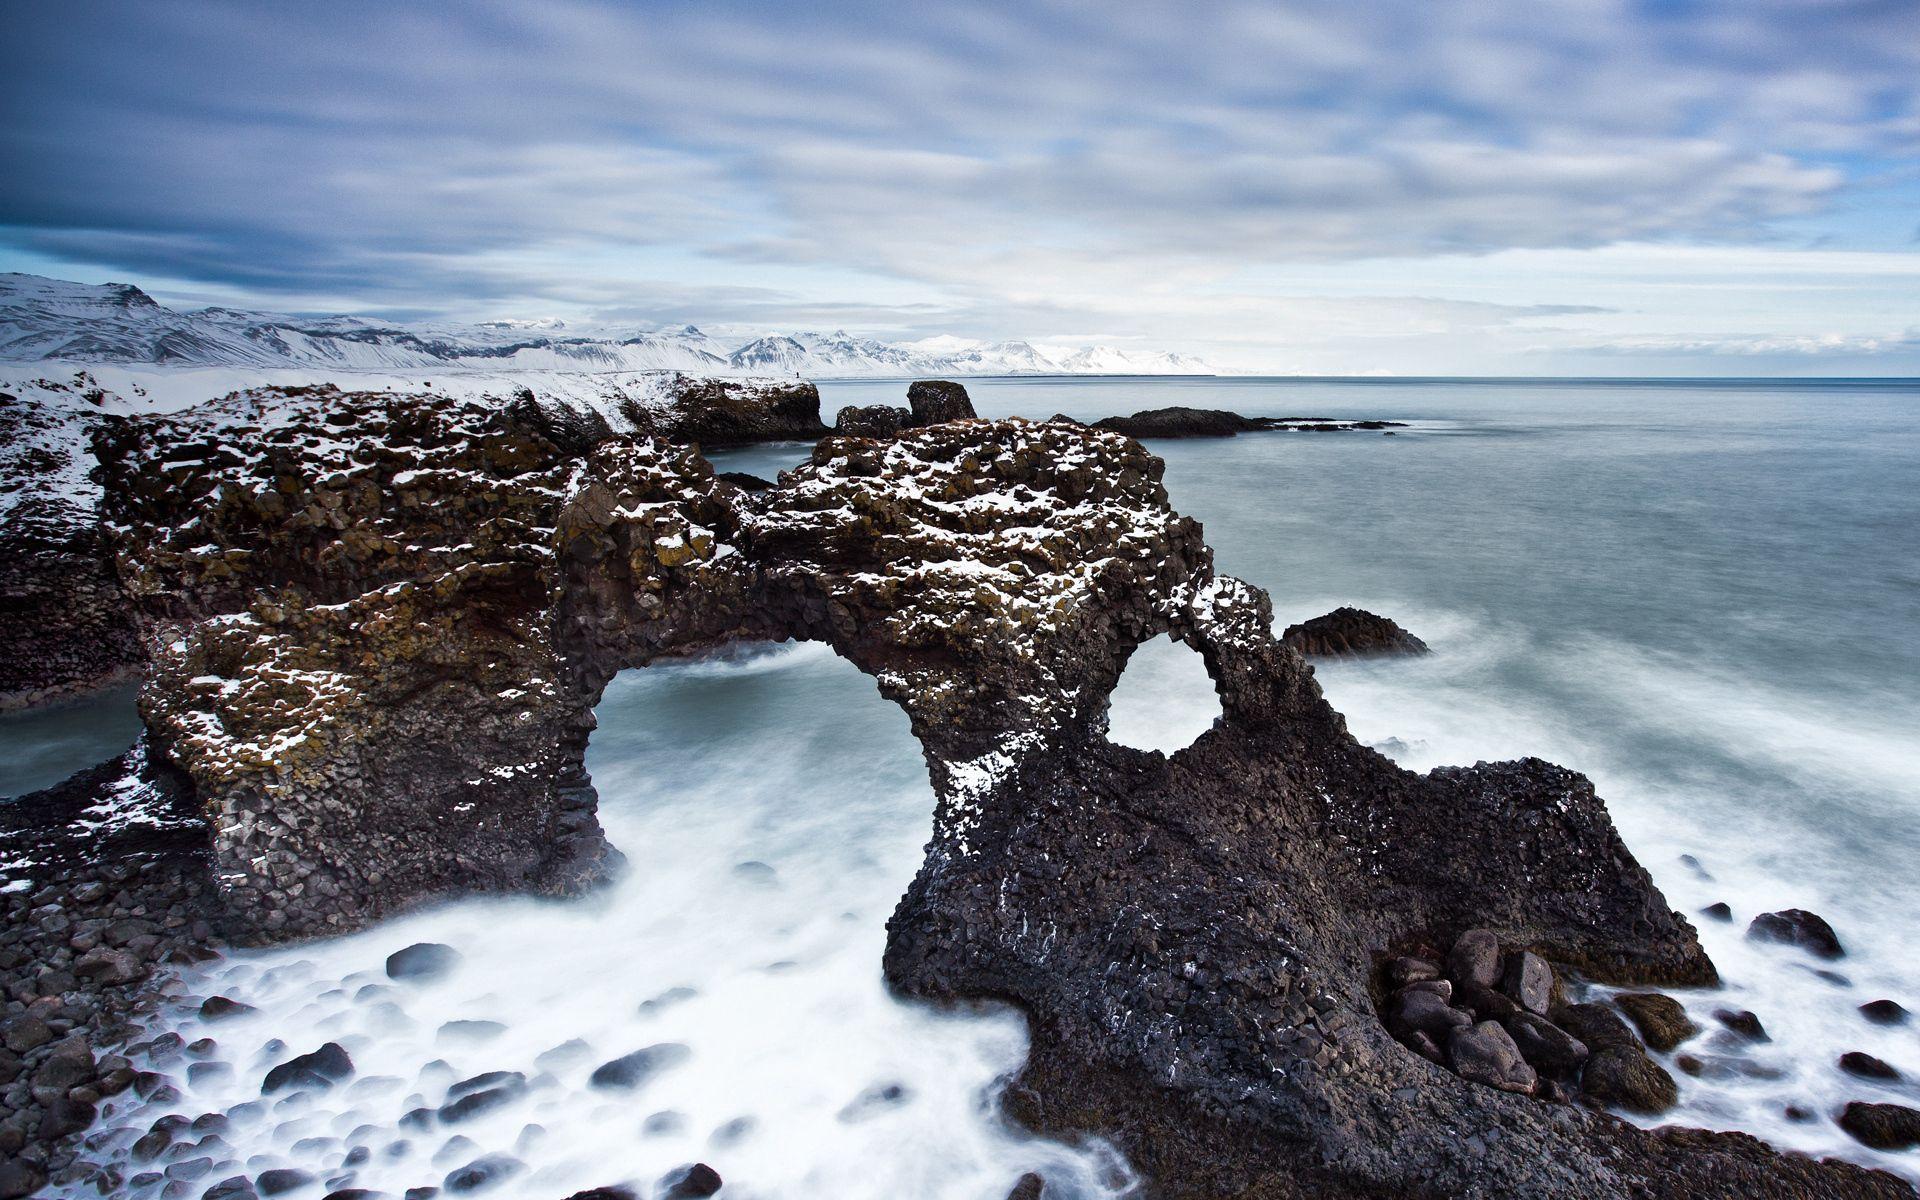 59402 скачать обои Природа, Рифы, Арки, Каменистый, Берег, Холод, Снег, Дымка, Пустота - заставки и картинки бесплатно